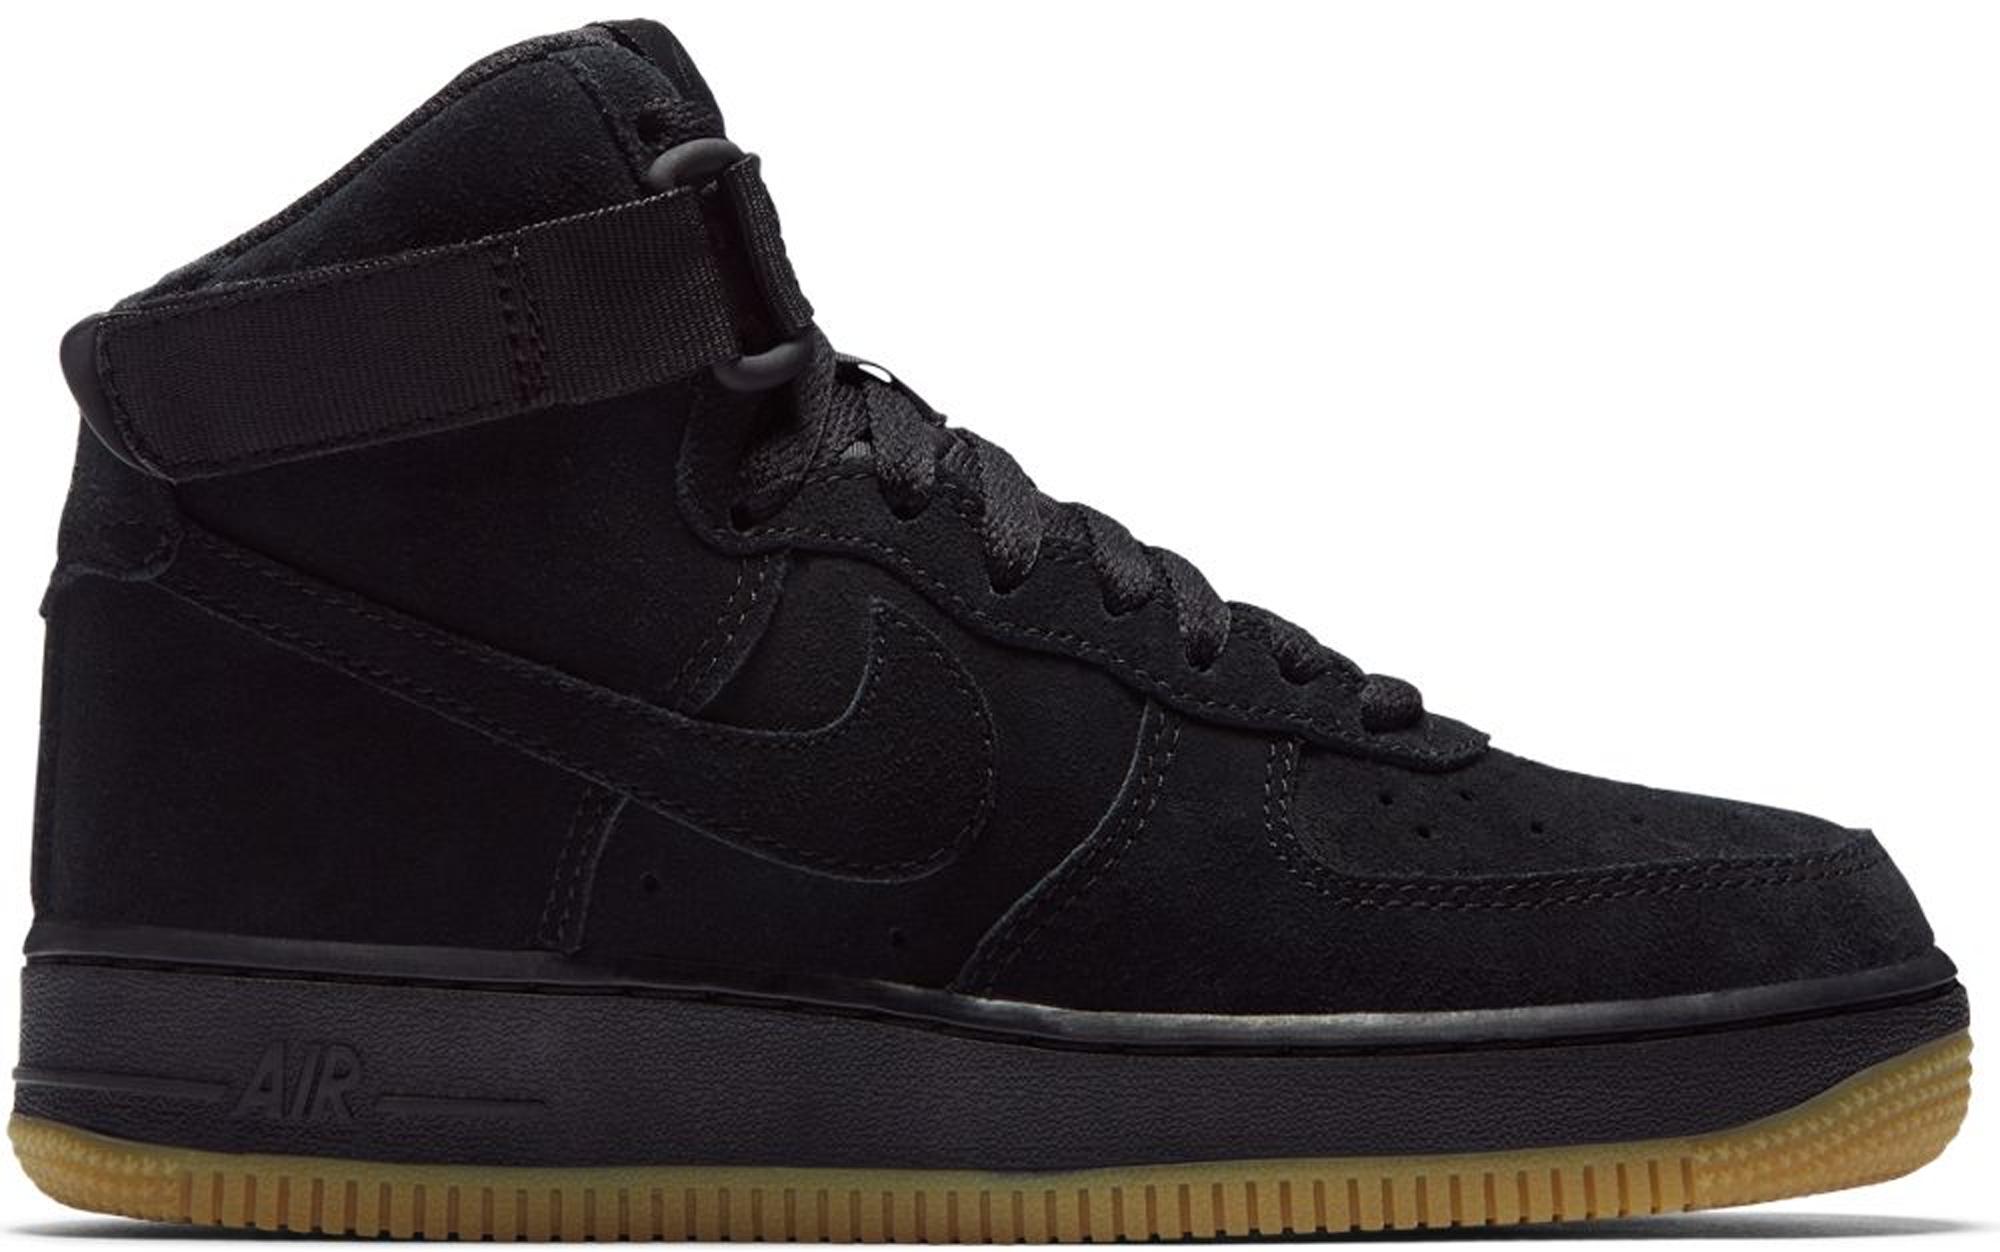 Nike Air Force 1 High Suede Black Gum